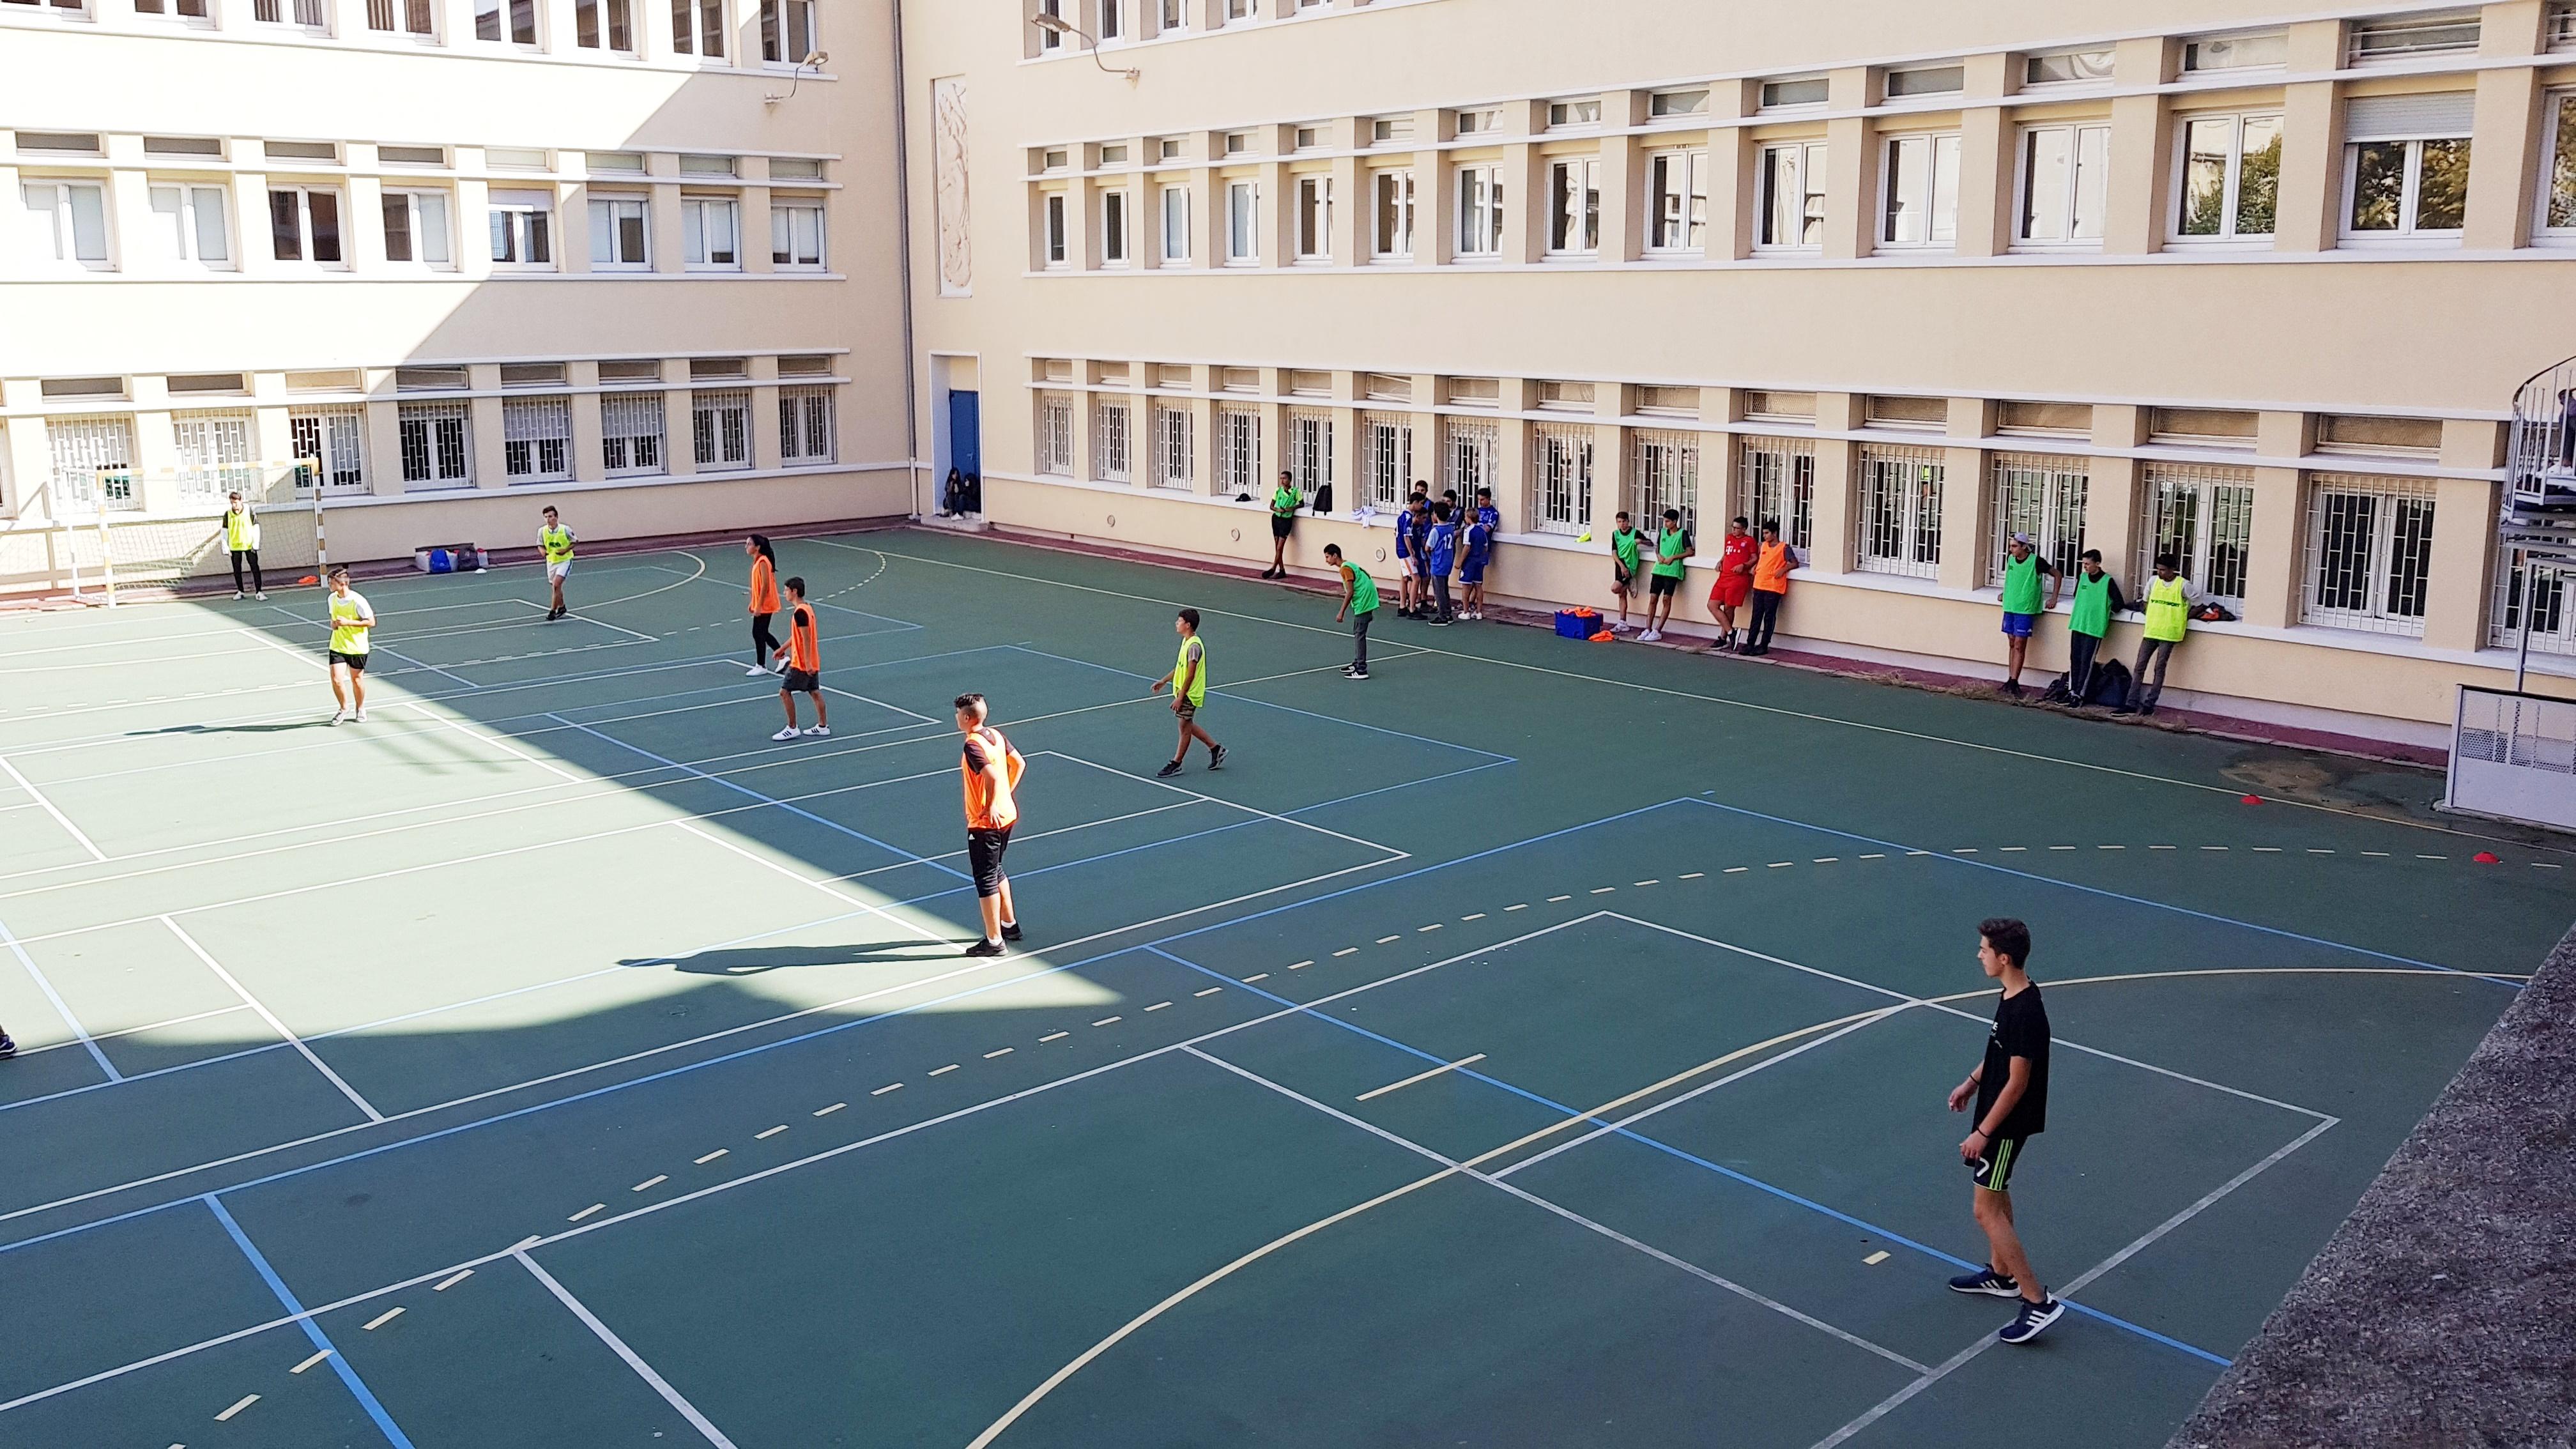 Mardi 26 septembre : journée du sport scolaire au Lycée Jean Nicoli